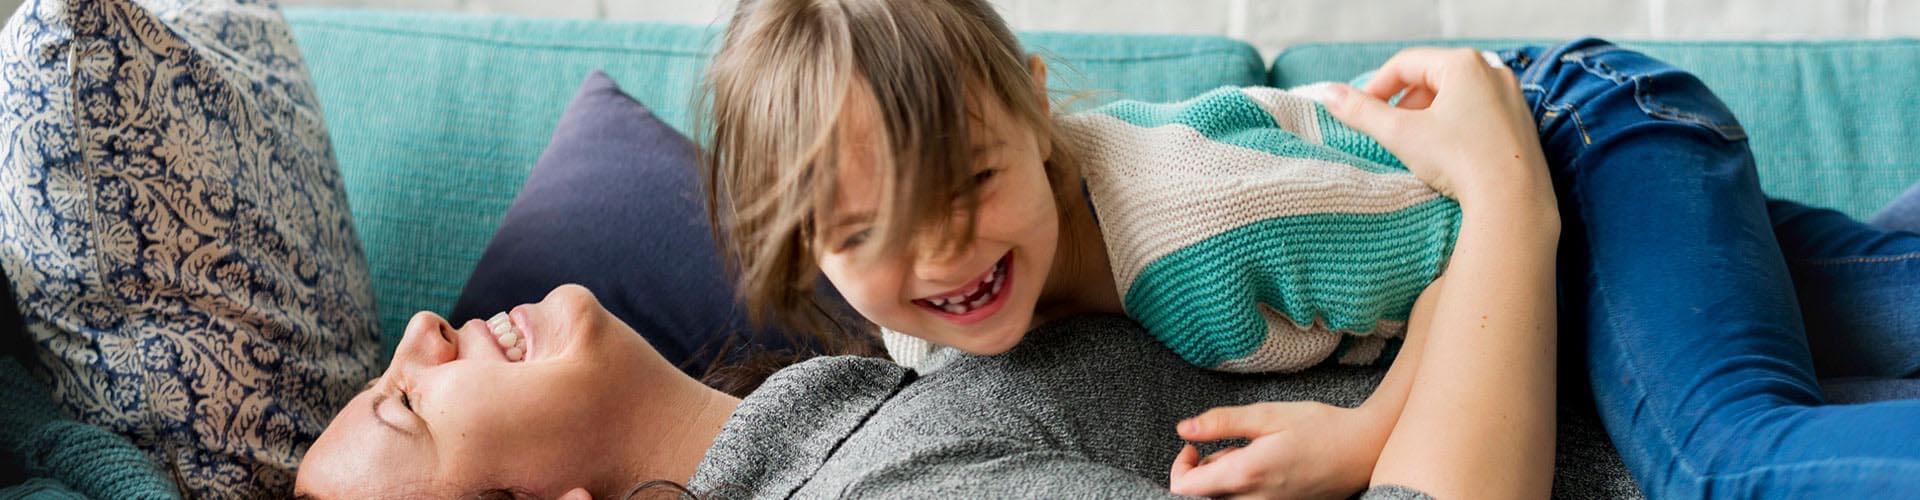 Frau und Kind liegen auf dem Sofa und freuen sich